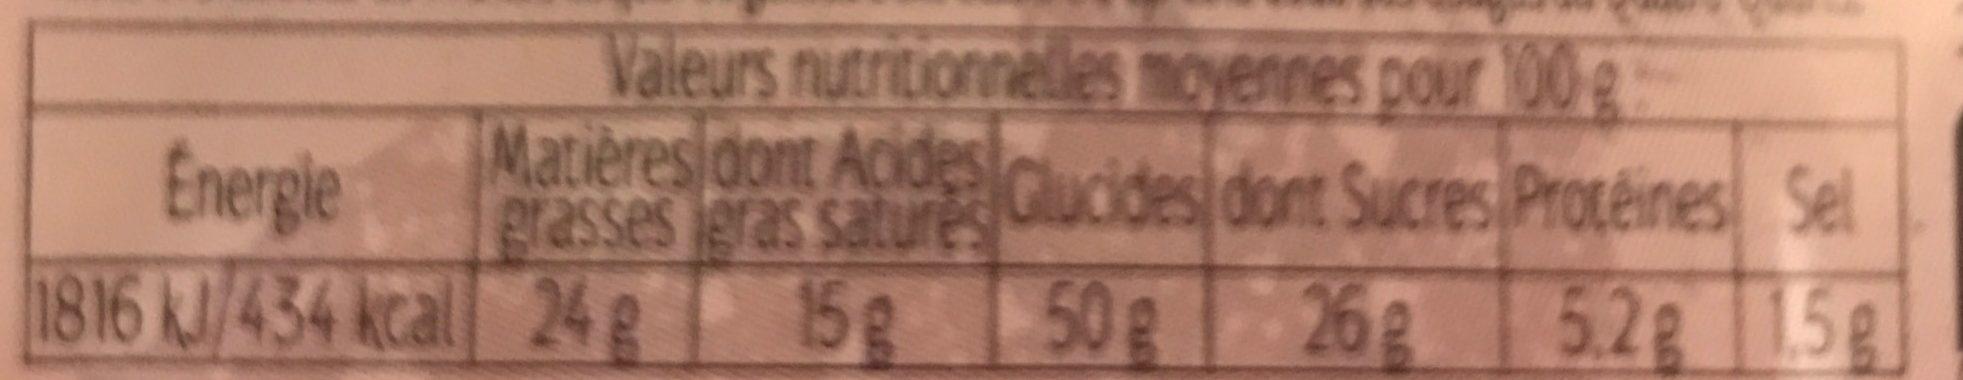 Quatre Quarts Pur Beurre Long - Informations nutritionnelles - fr